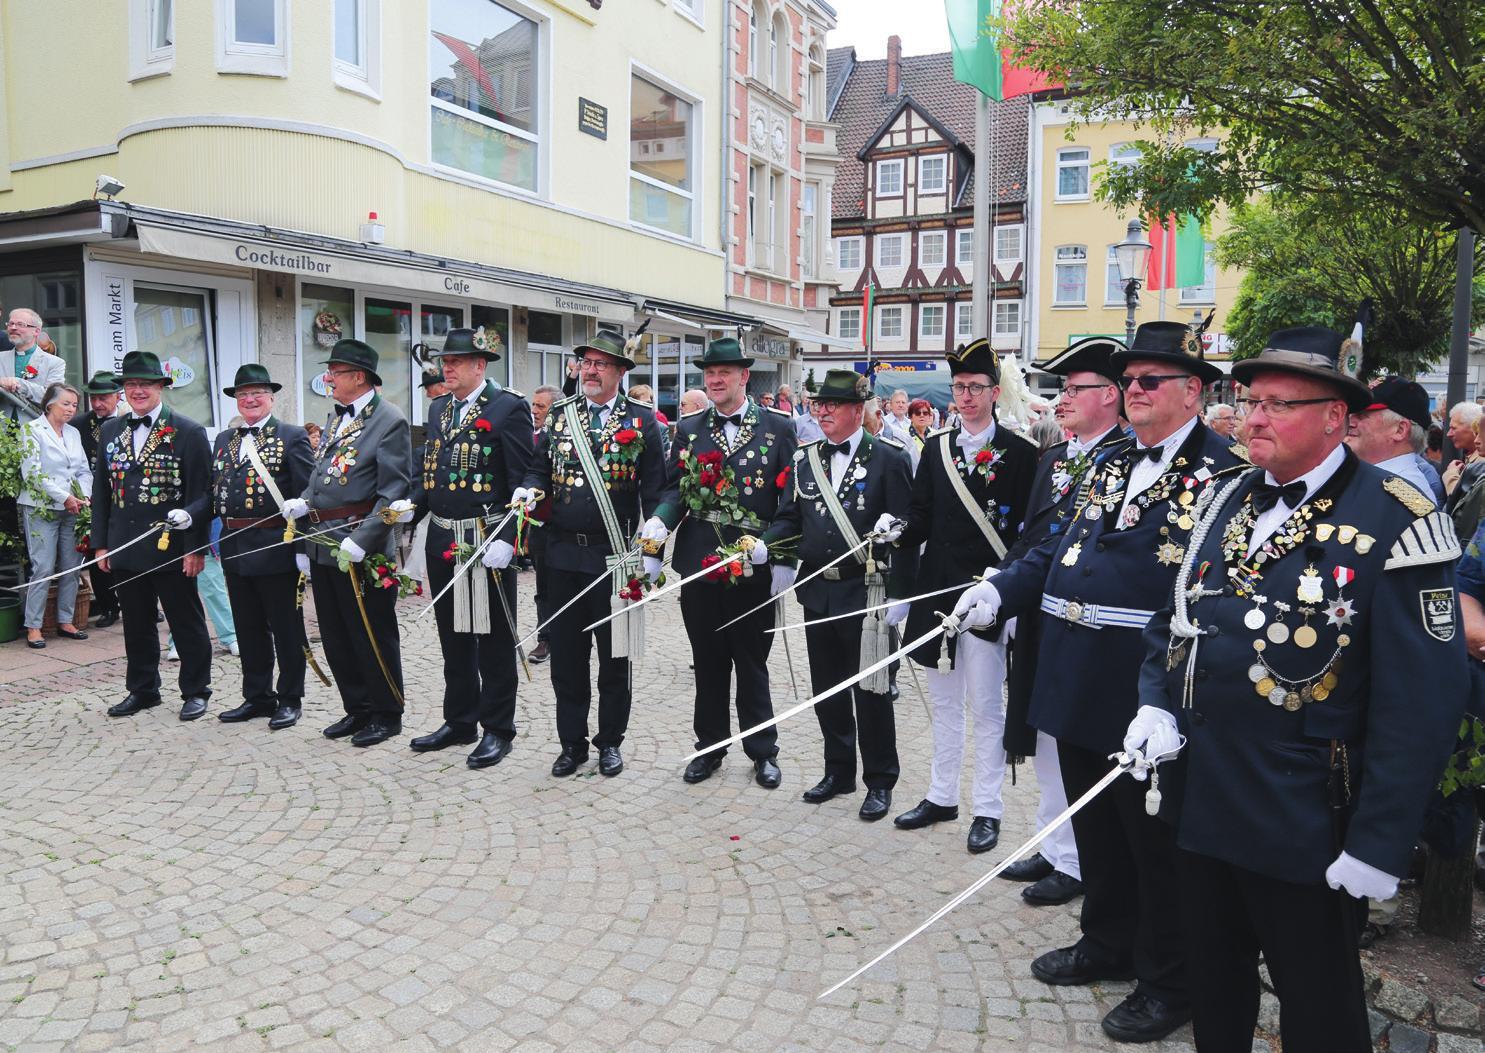 Freischiessen Fotoheft - Juli 2019 - IV. Image 17